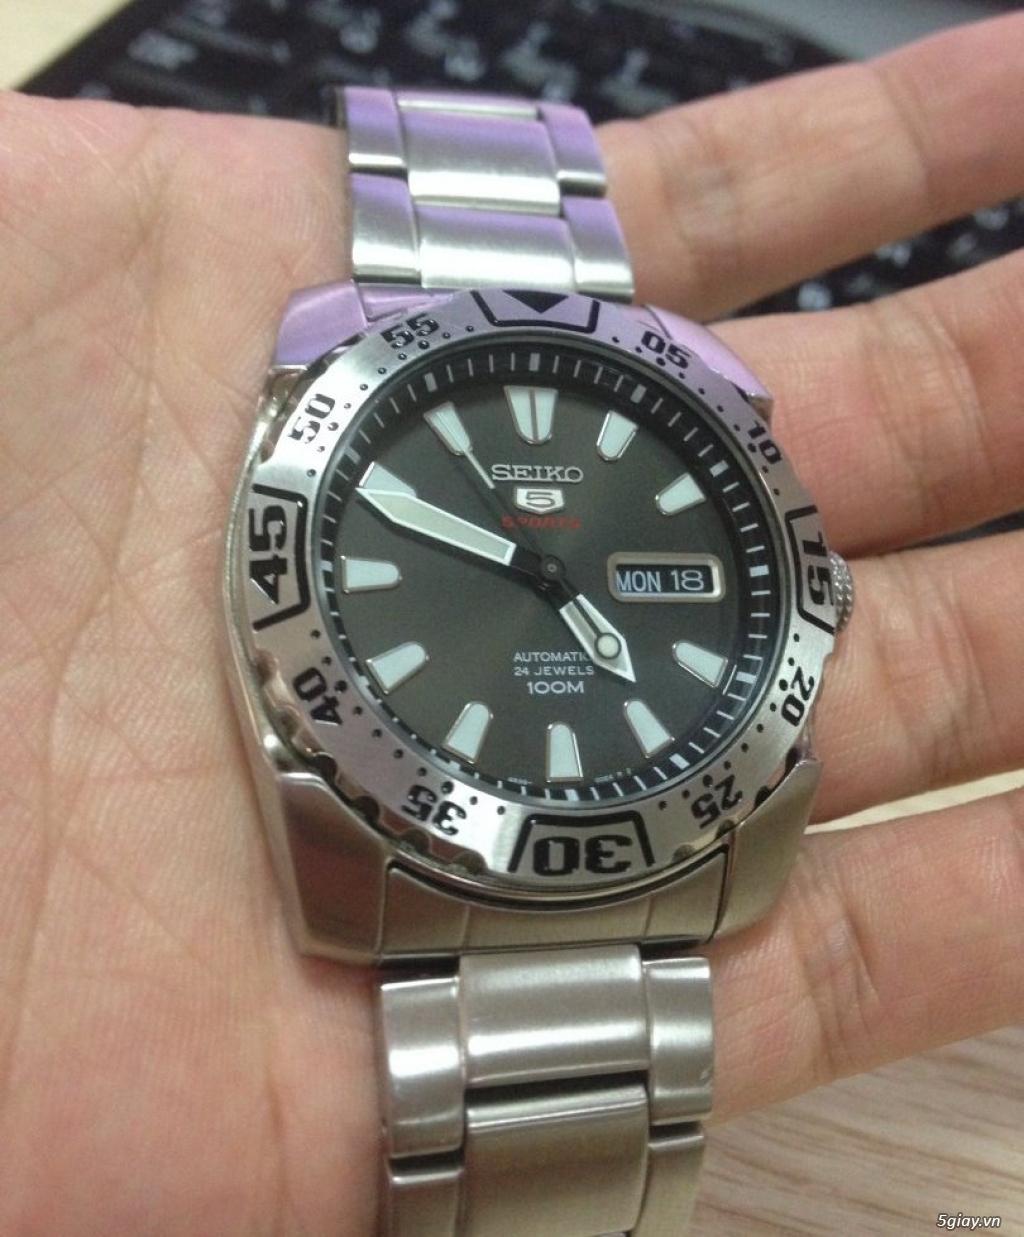 Đồng hồ Seiko 5 sport chính hãng